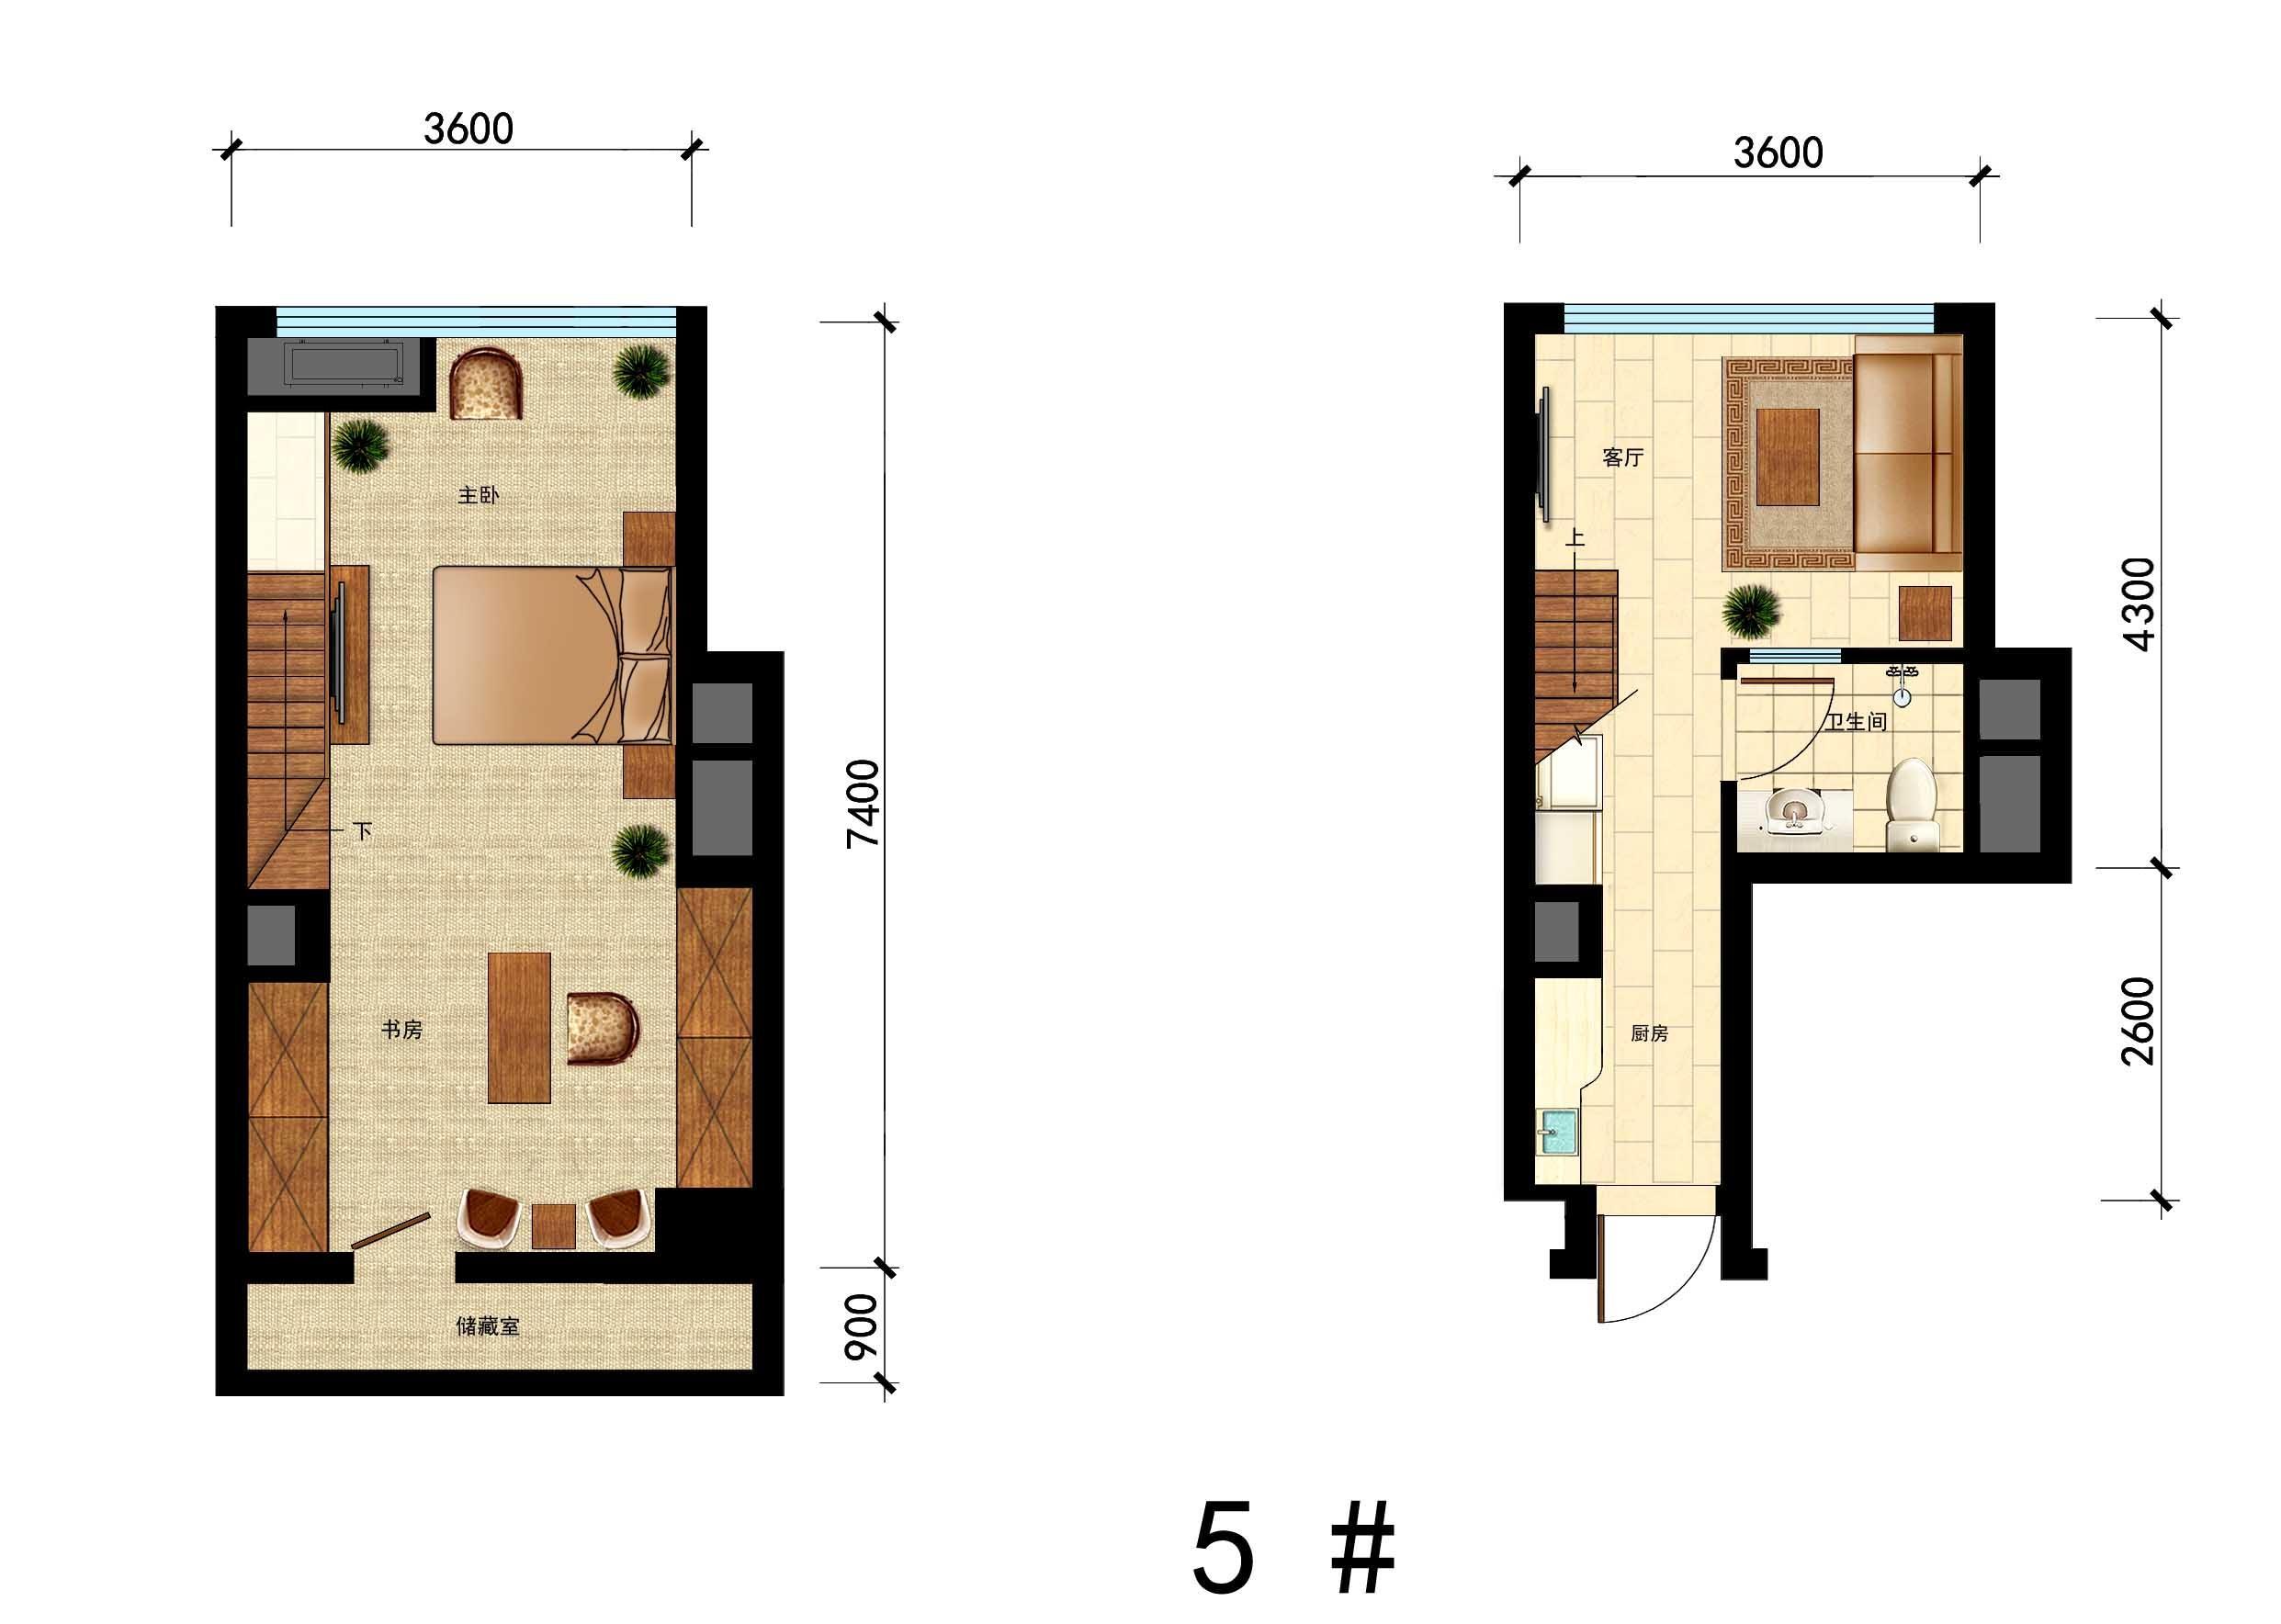 国瑞中心5#户型,29㎡,1室1厅1厨1卫